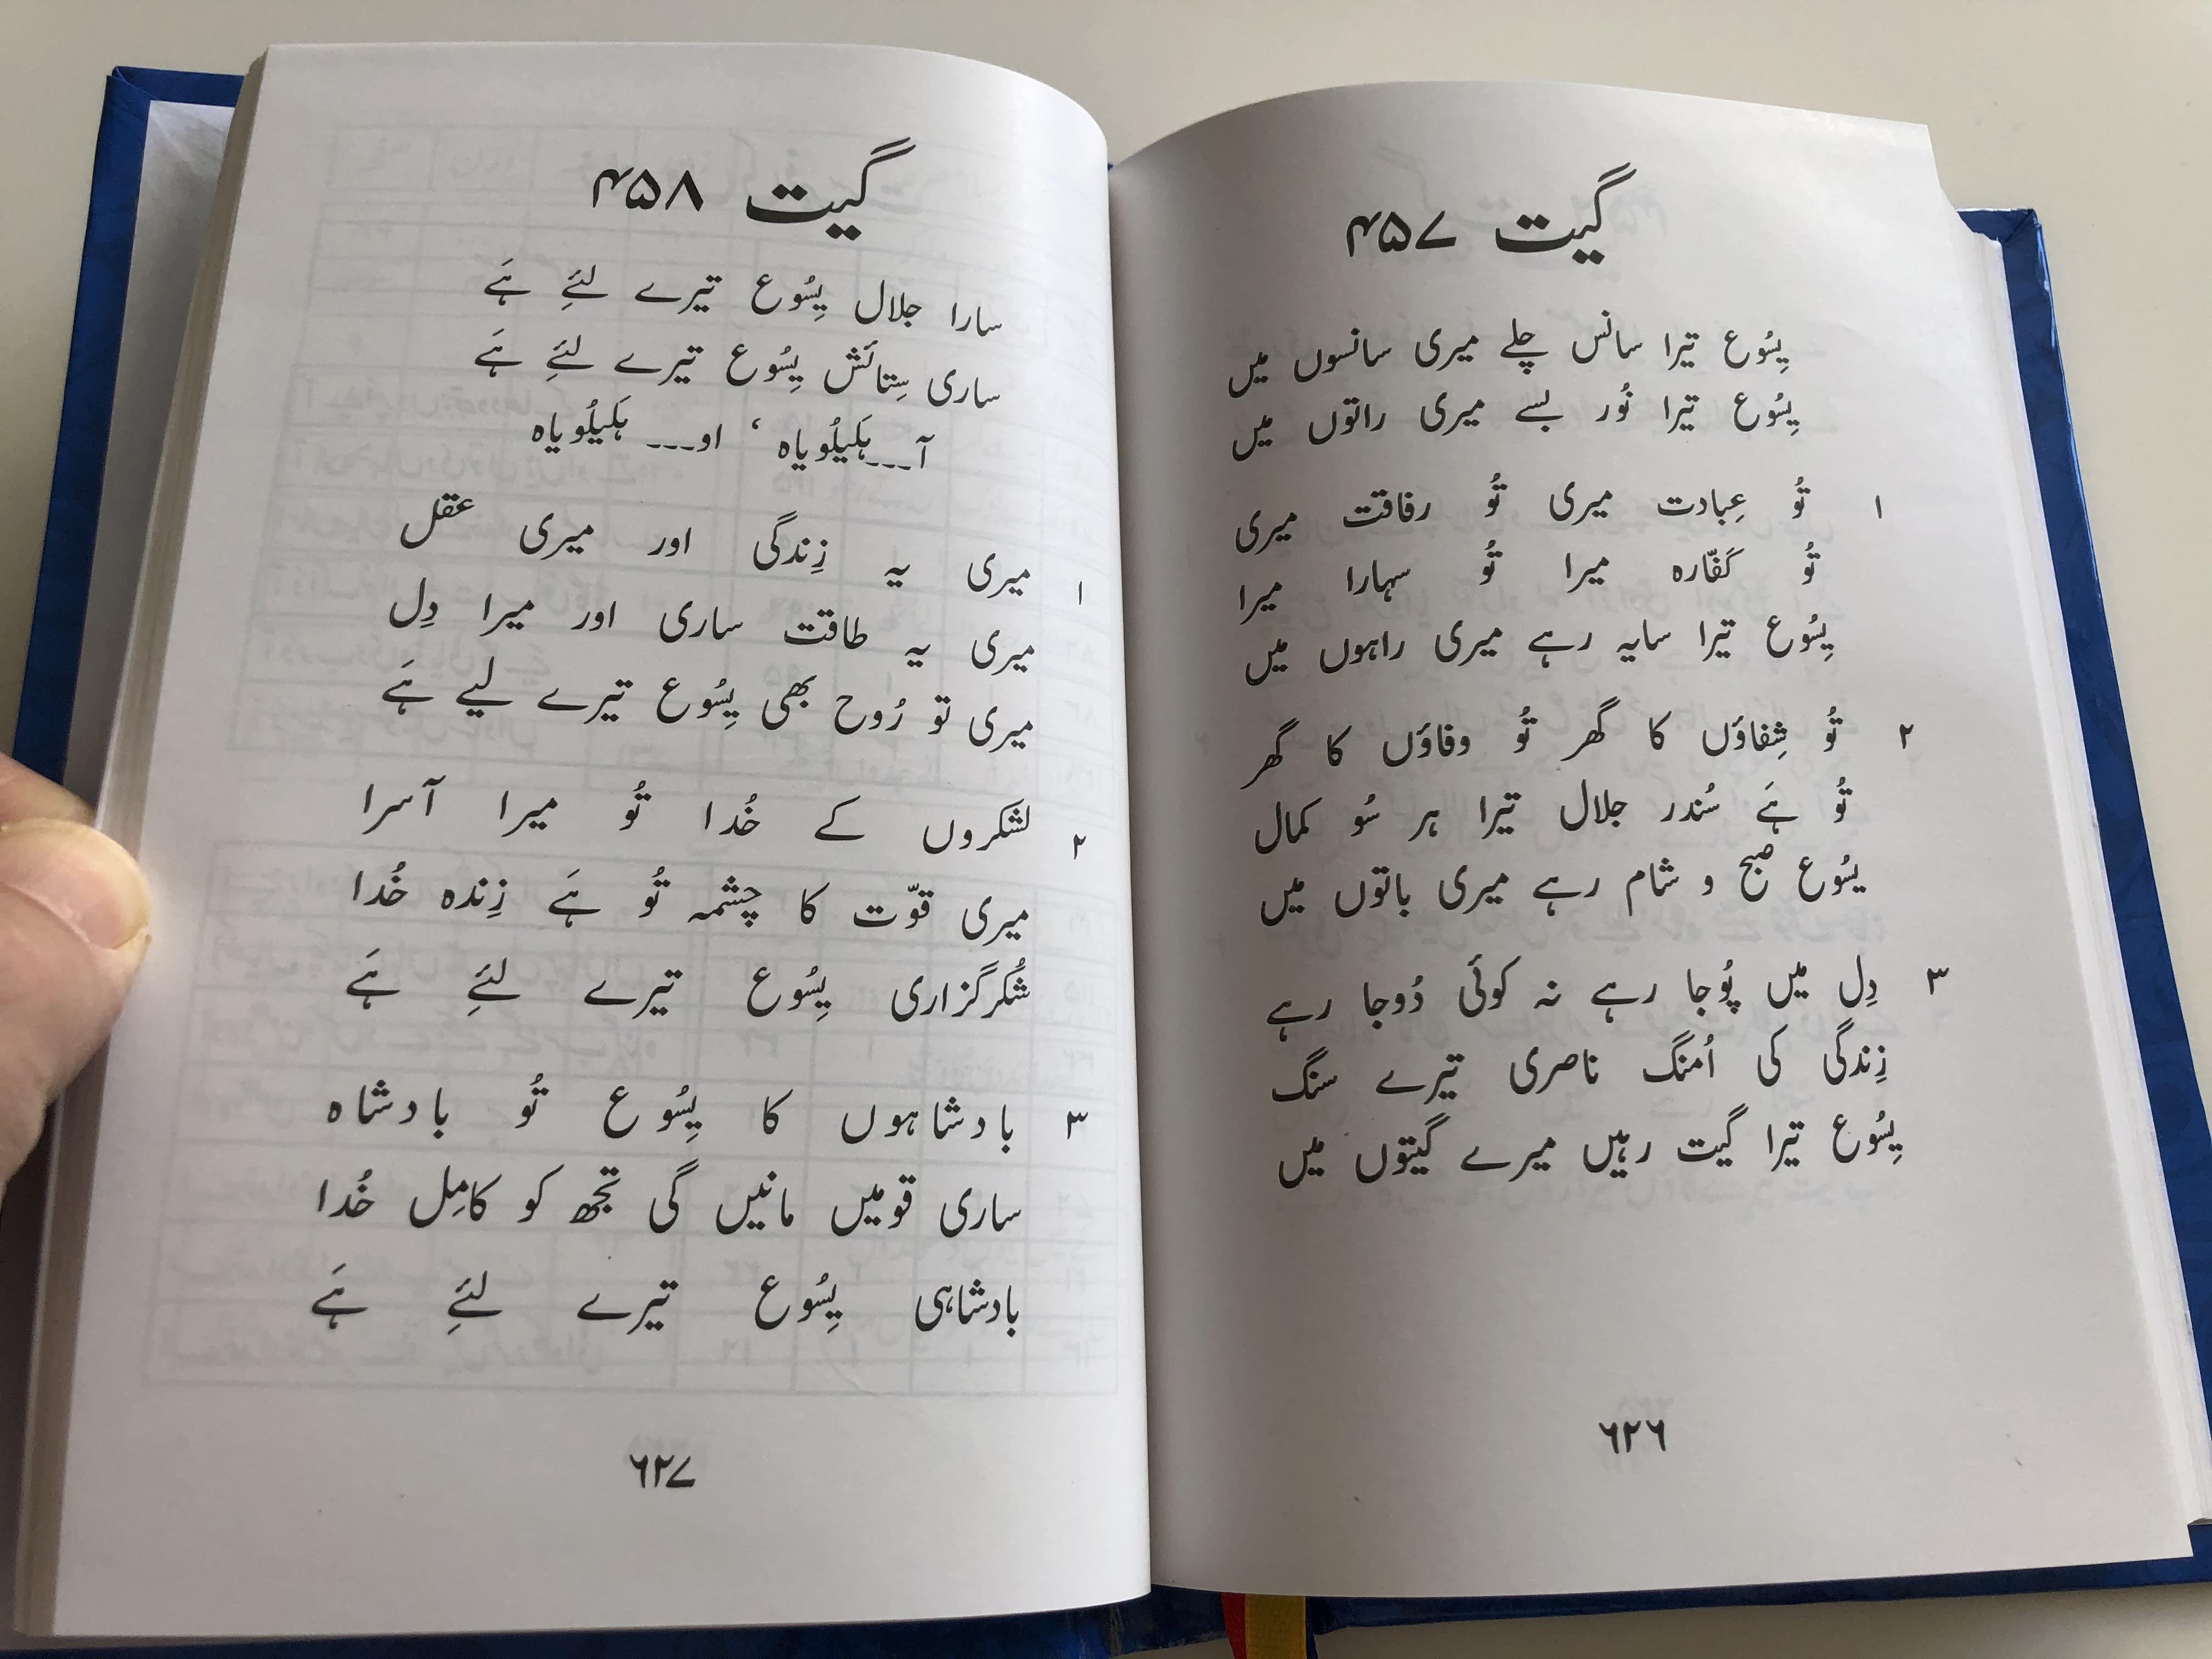 urdu-language-sialkot-chrisitian-hymnal-and-song-book-nirali-kitaben-11-.jpg